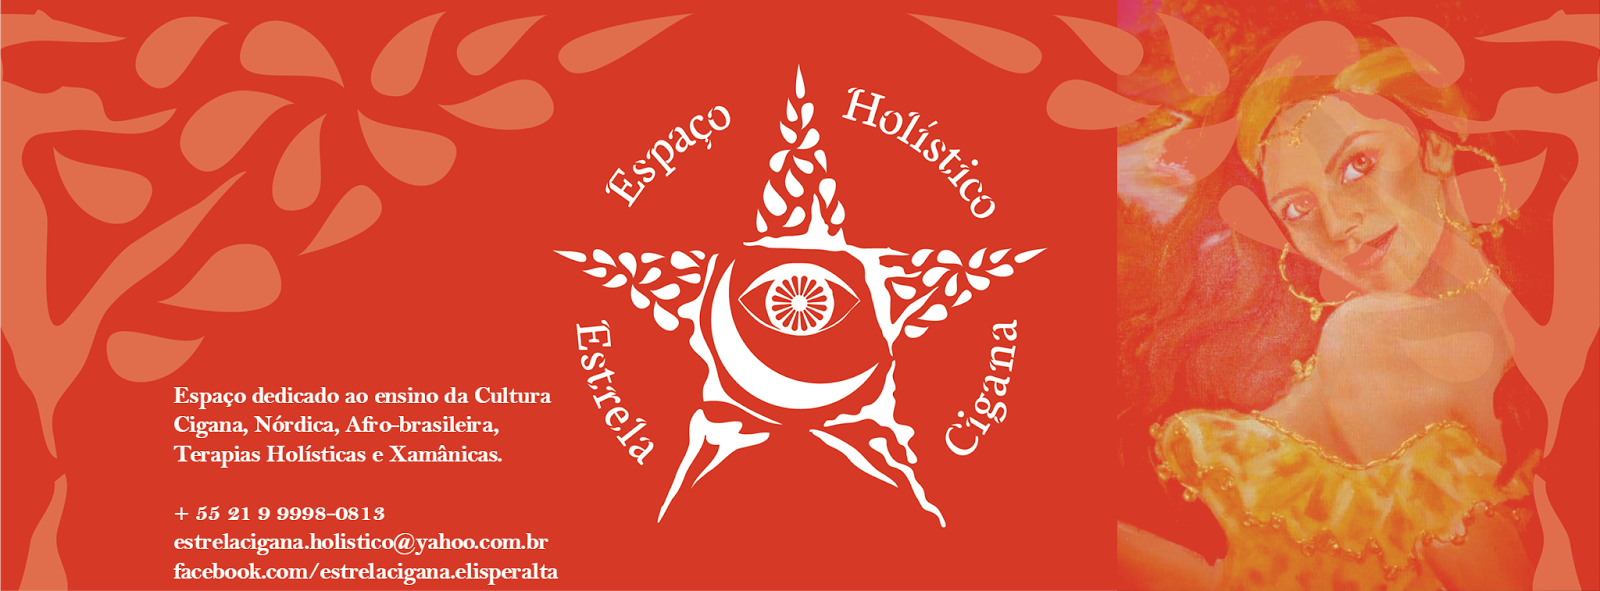 ESTRELA CIGANA ESPACO HOLISTICO